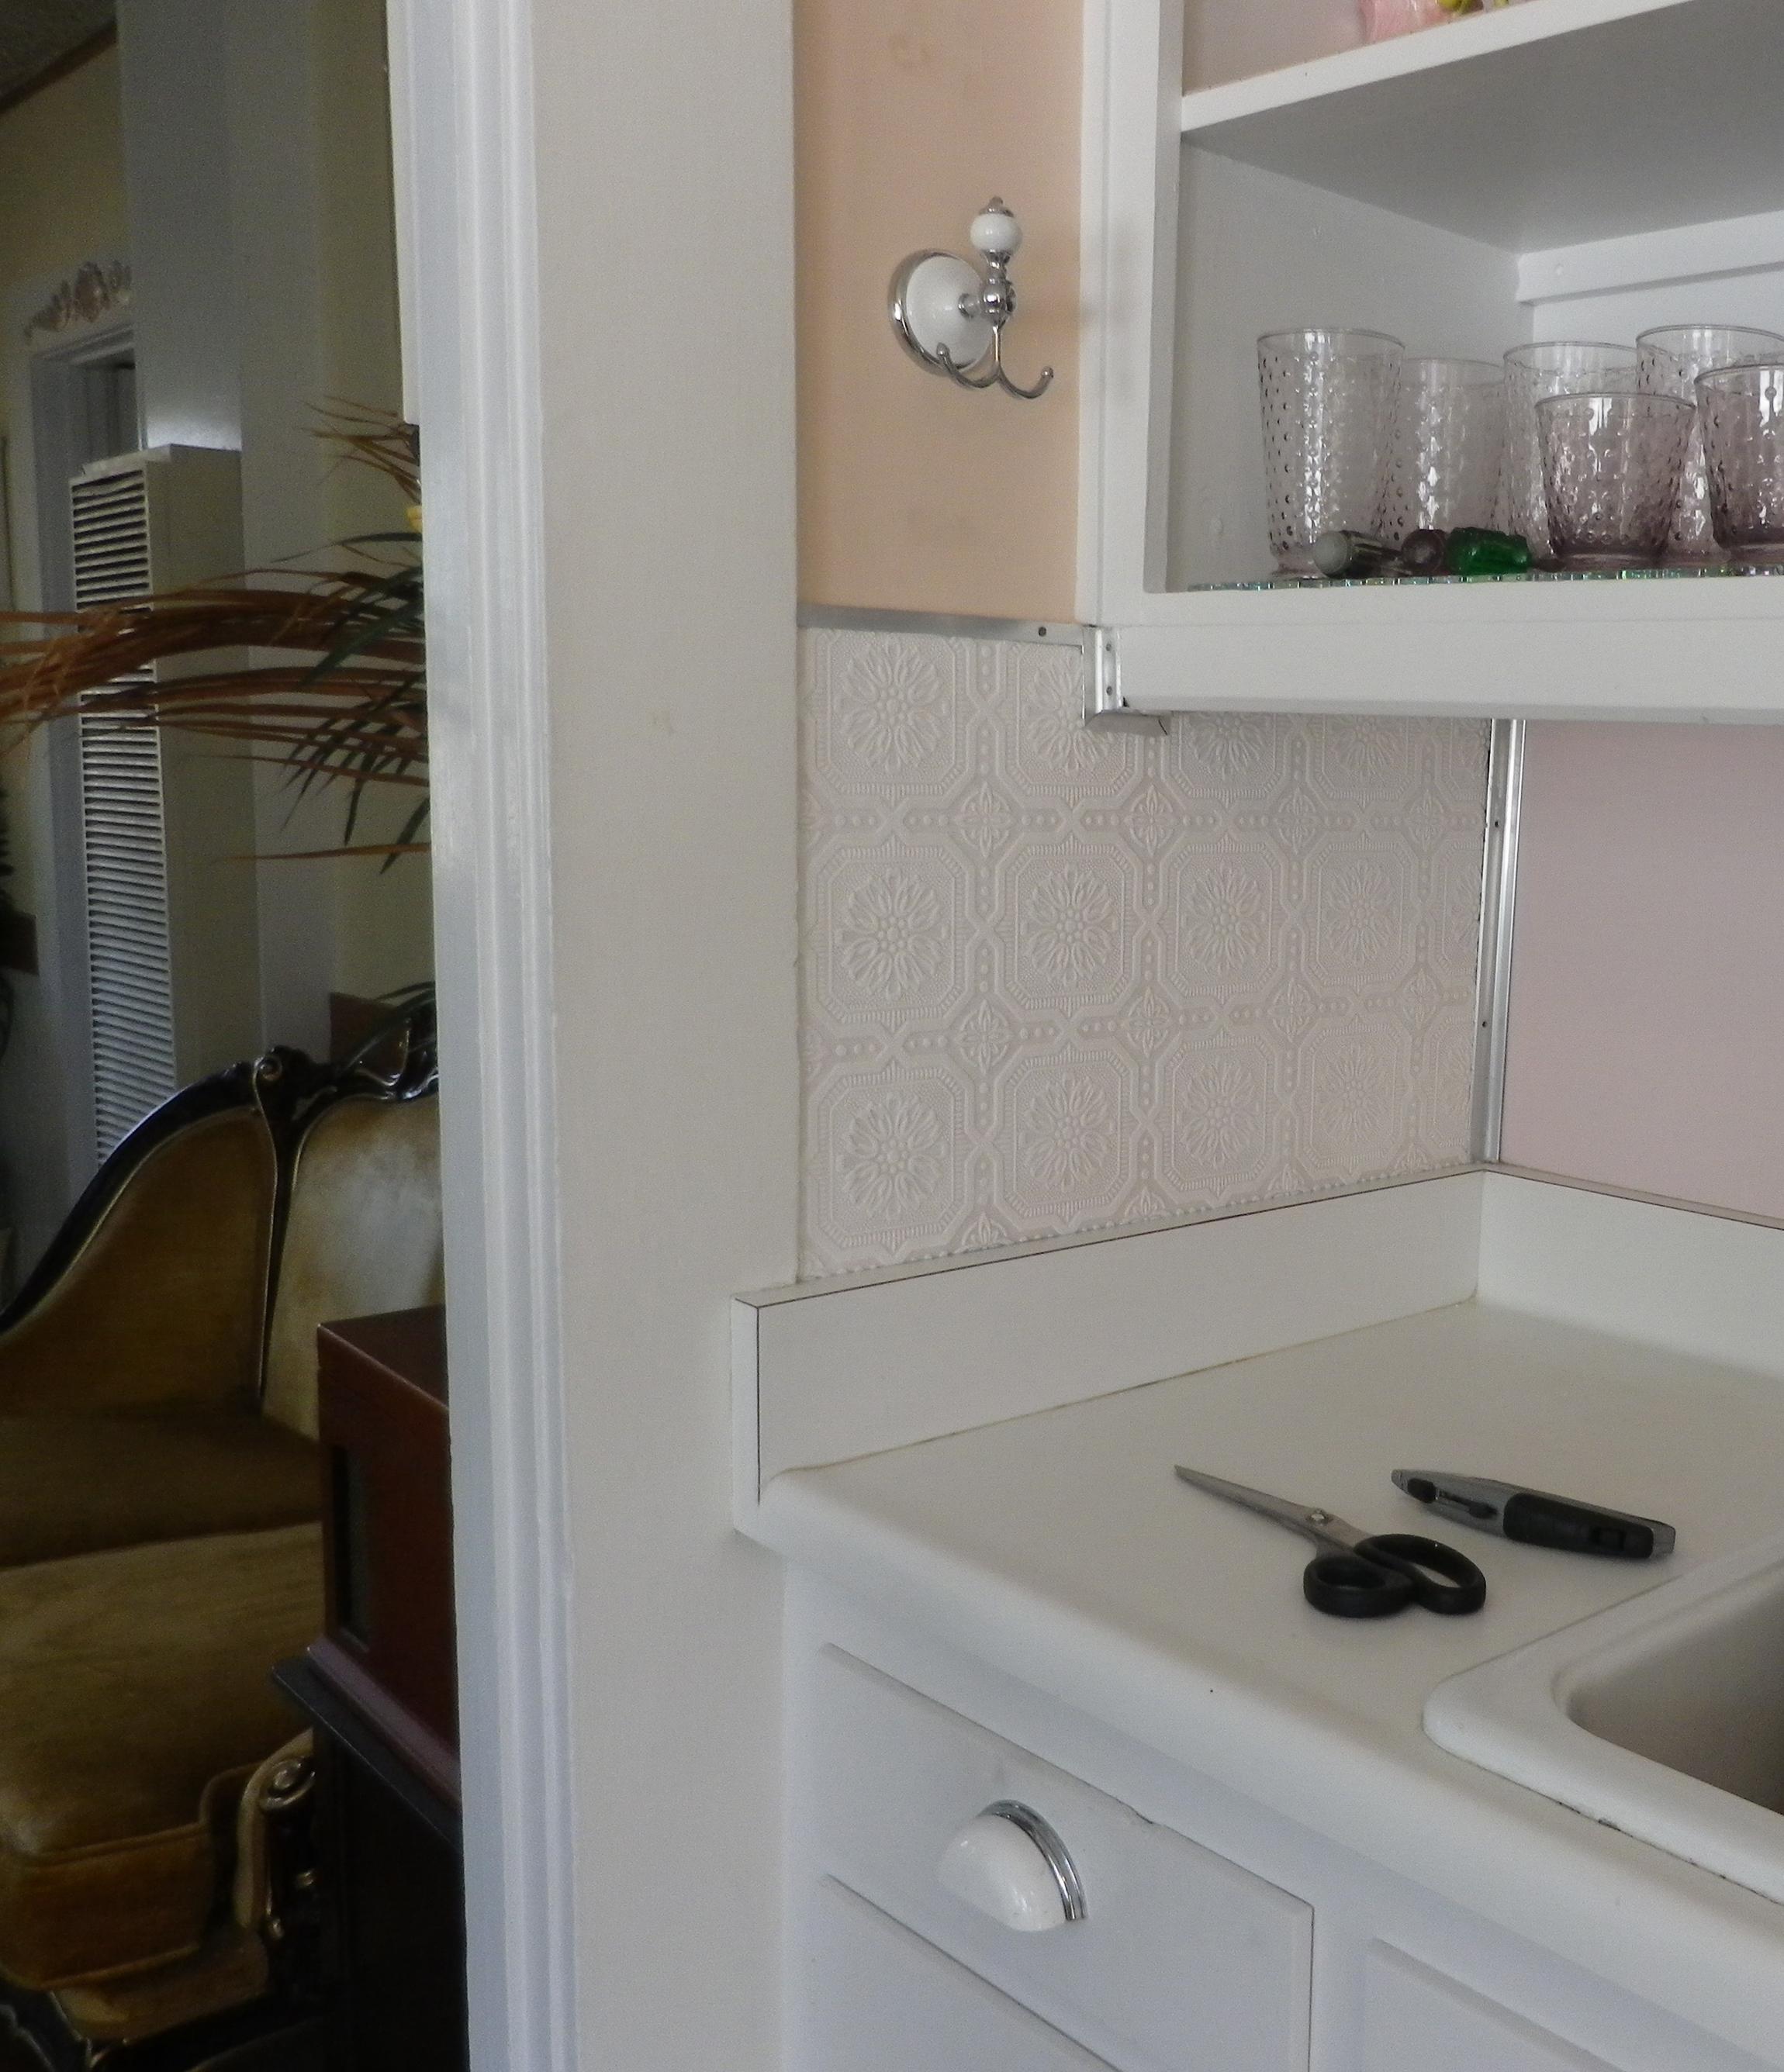 Plastic Backsplash For Kitchen: Tile Backsplash Over Wallpaper